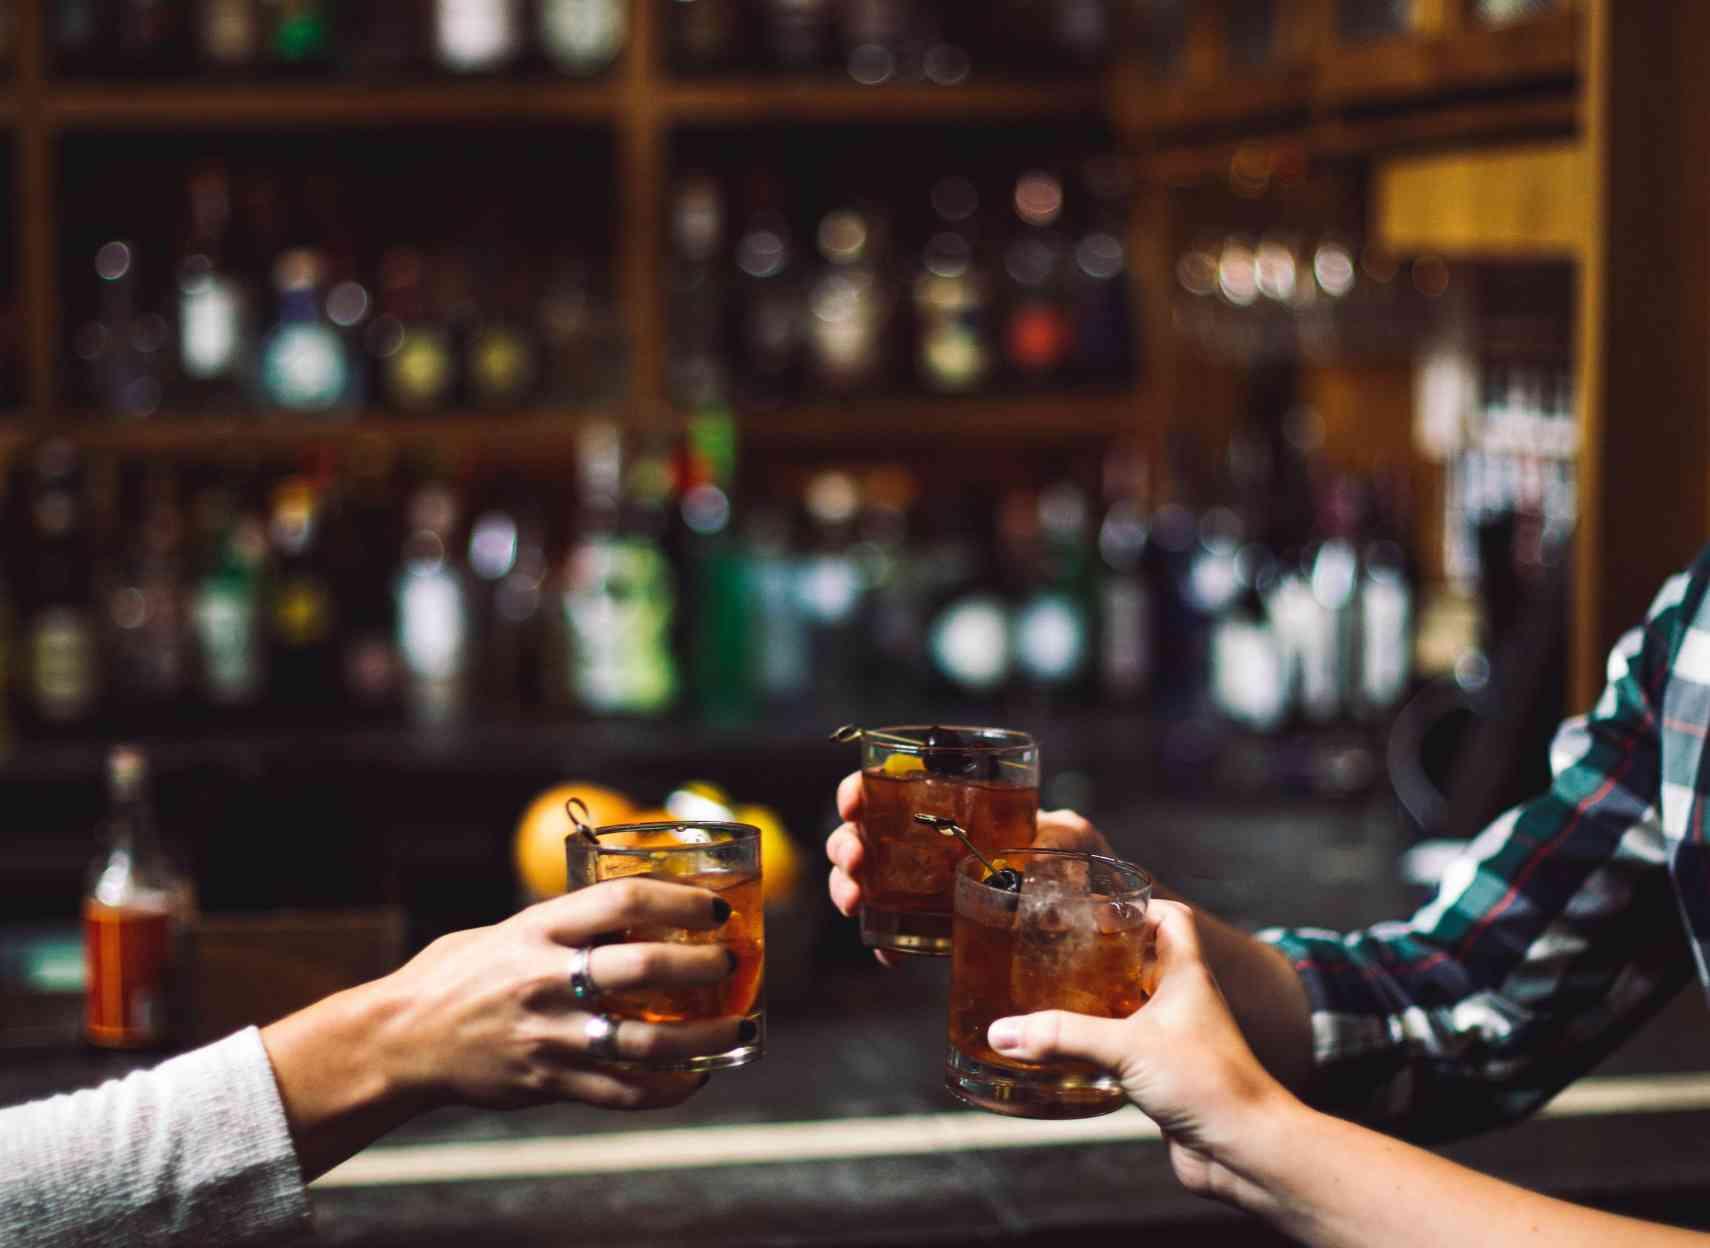 vigicarotte sondage 18 et 25 ans alcool et drogue au volant